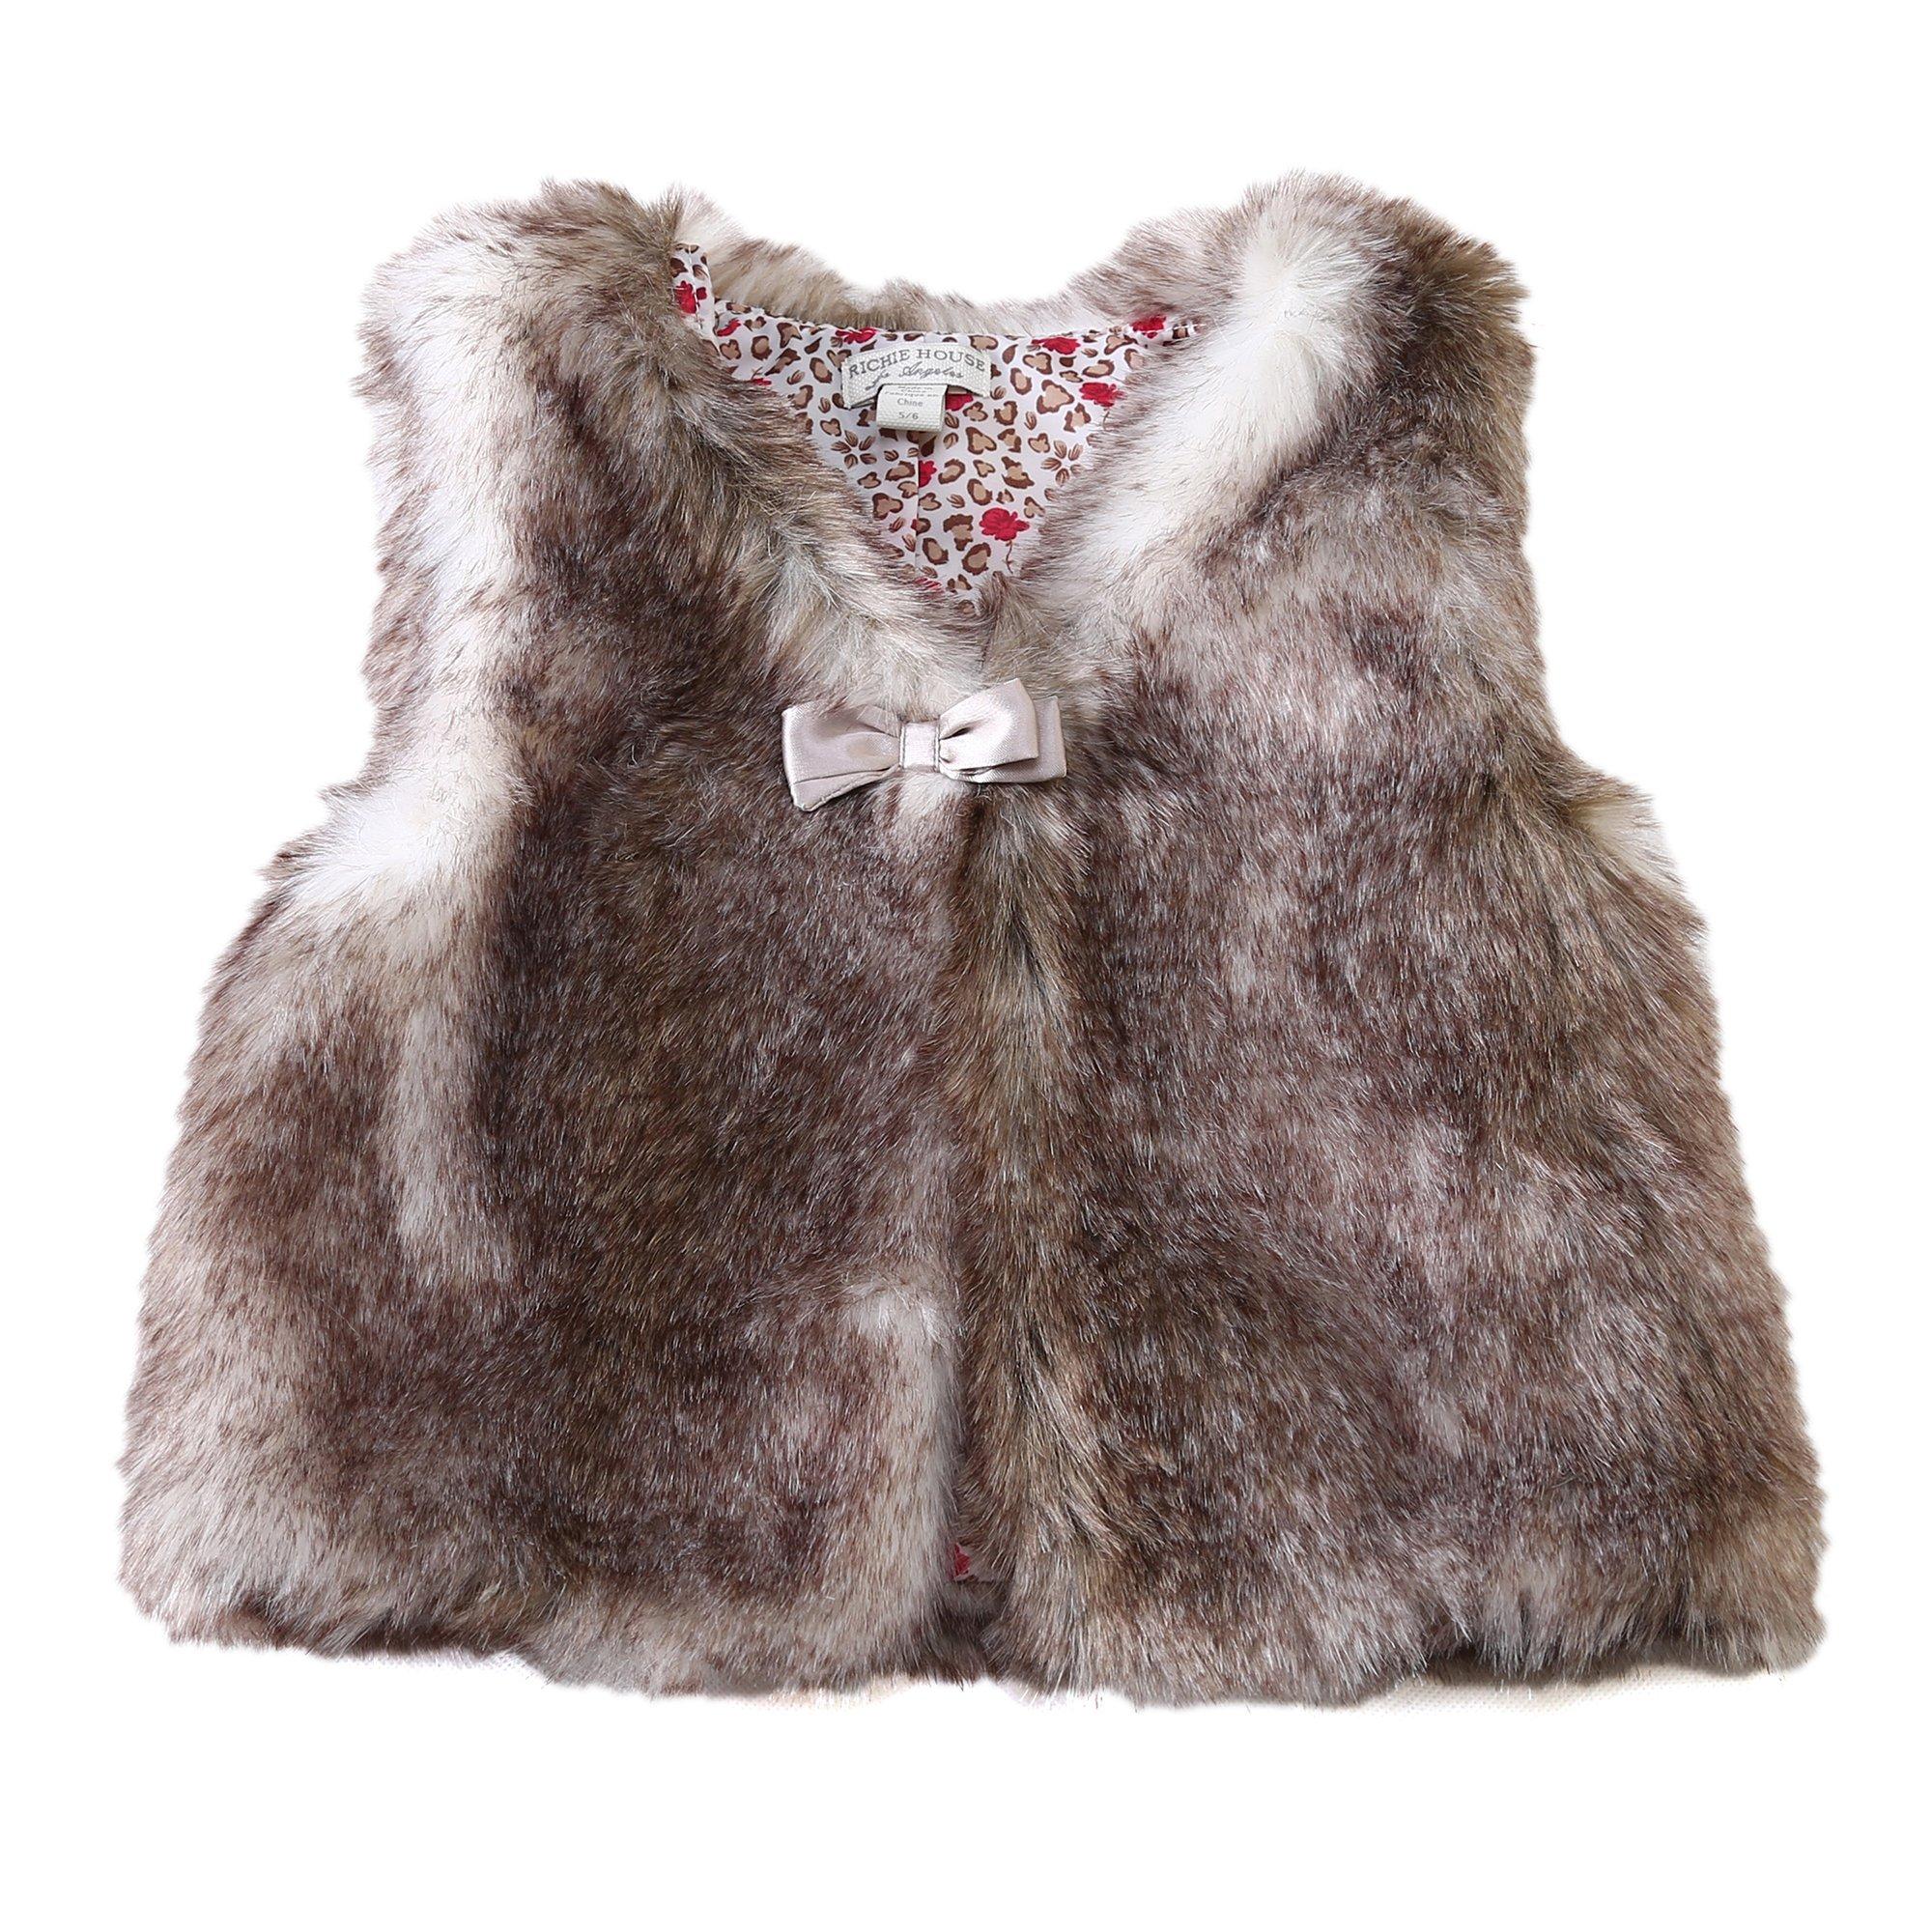 Richie House Little Girls' Artificial Fur Vest with Bow RH0792-D-4/5